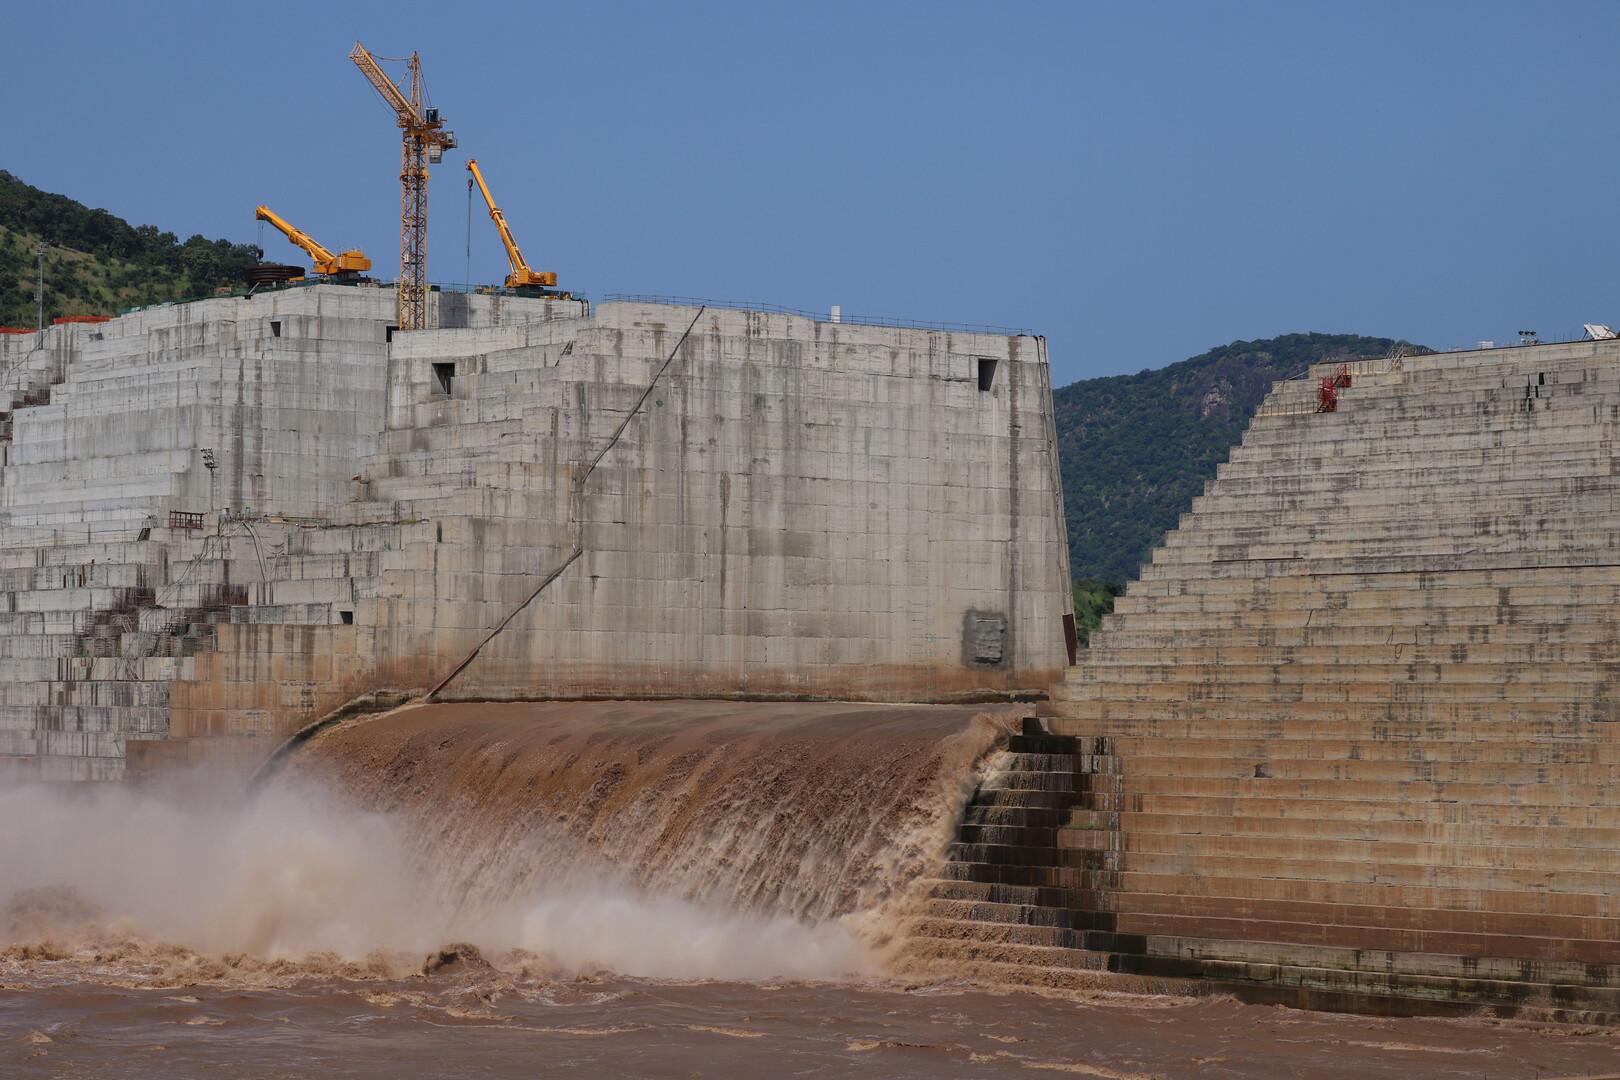 إسرائيل: لا صحة لوجود أنظمة دفاعية إسرائيلية لحماية سد النهضة الإثيوبي